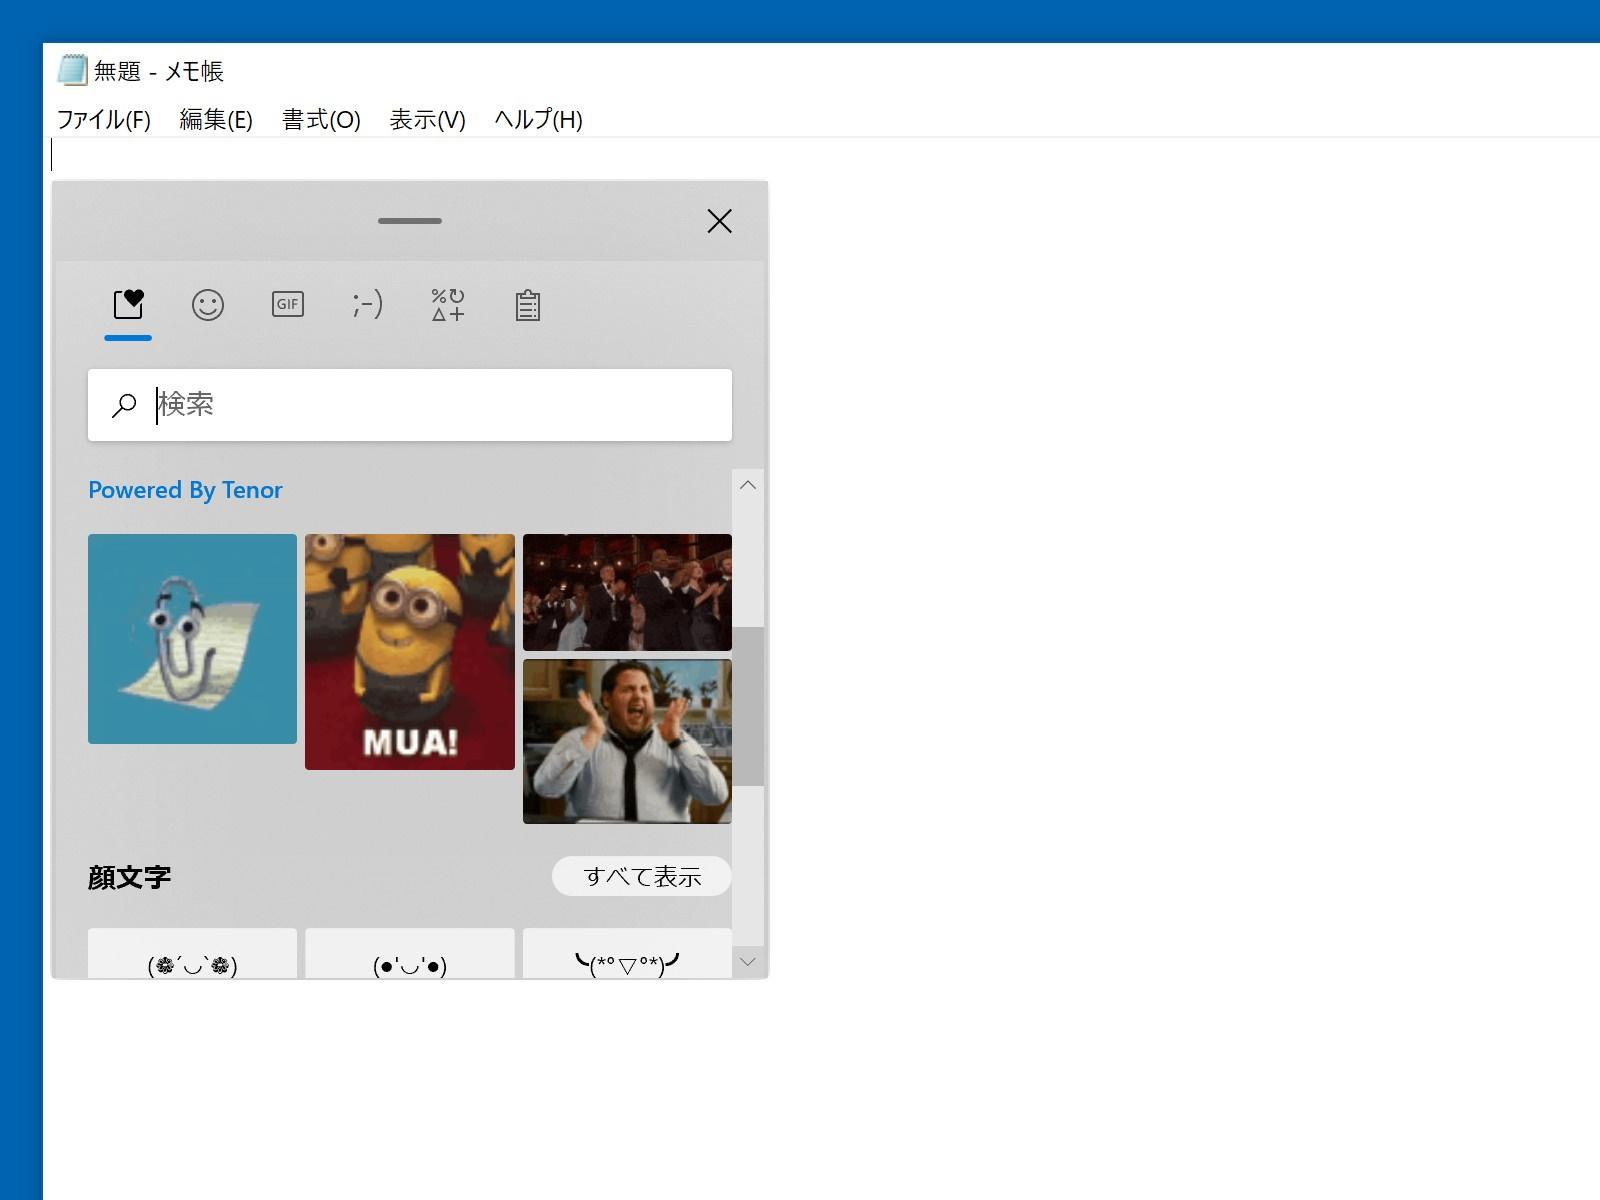 海外ユーザーを中心に人気のあるアニメーションGIFを挿入する機能